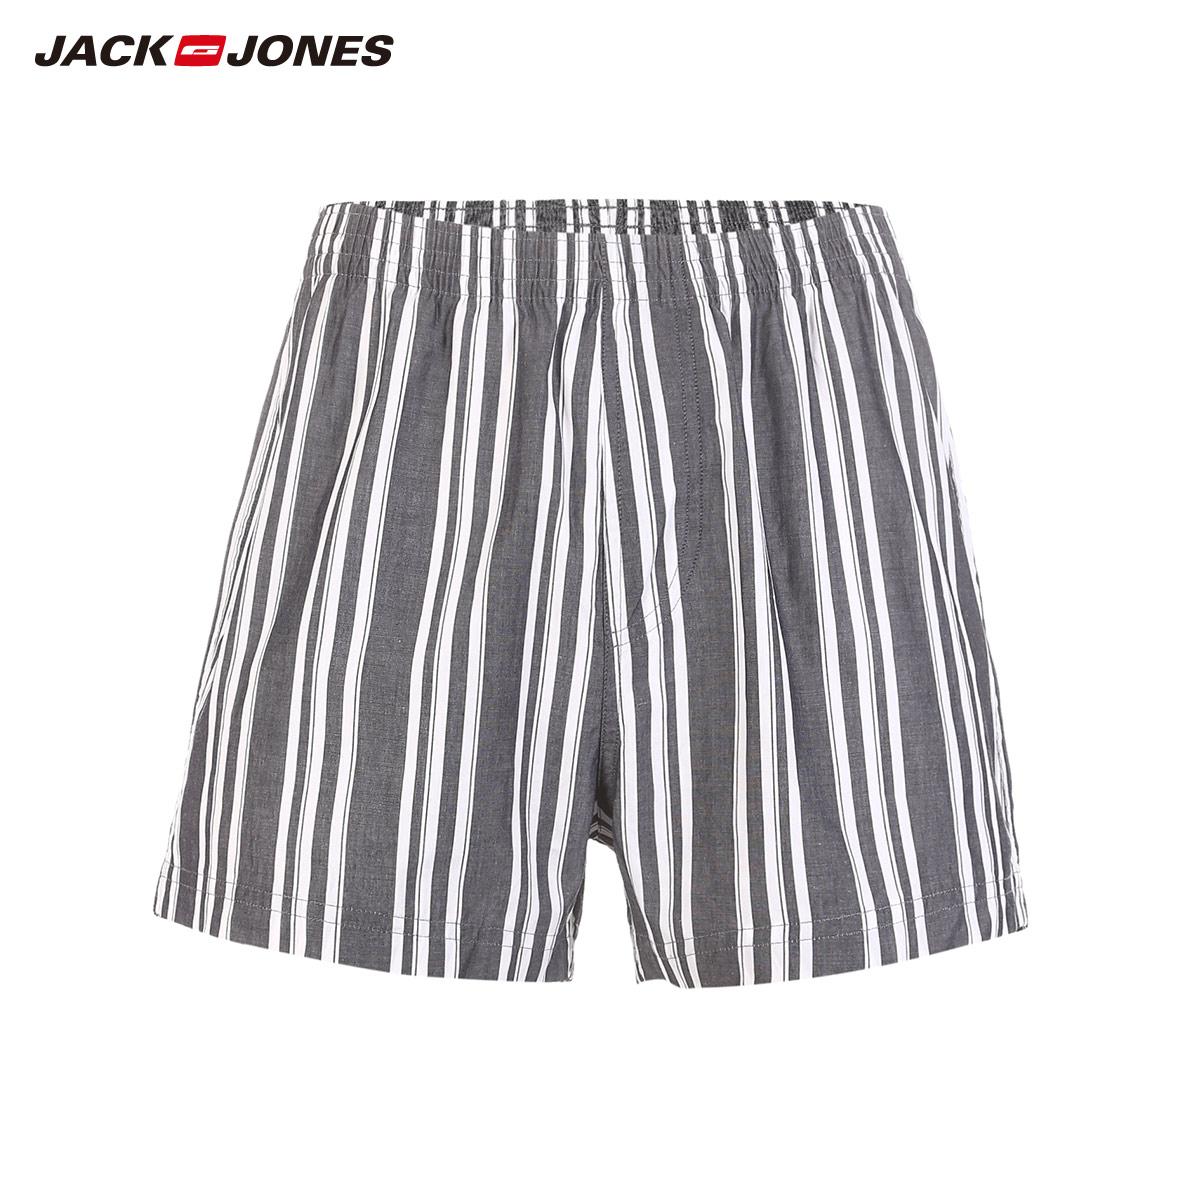 JackJones杰克琼斯男士新款撞色竖条纹舒适纯棉家居四角平角内裤